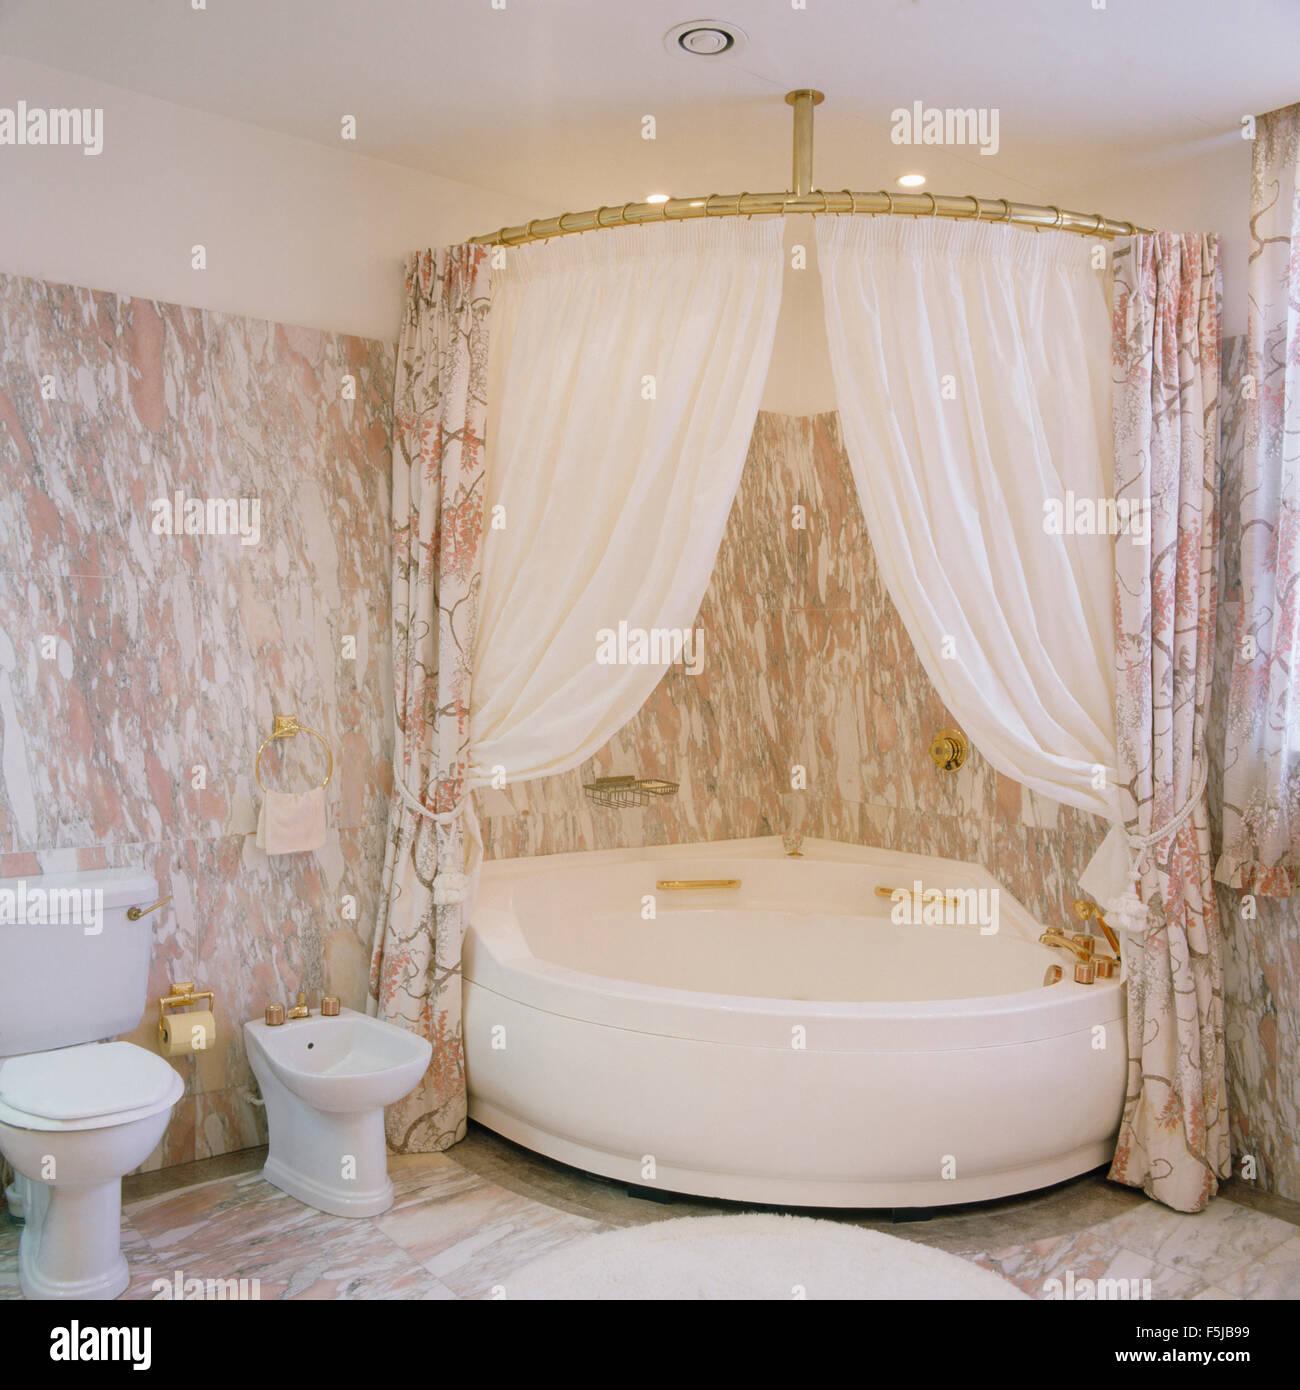 Livre Blanc Sur Les Rideaux De Douche Baignoire D Angle Dans Une Salle De Bains En Marbre 80 Photo Stock Alamy